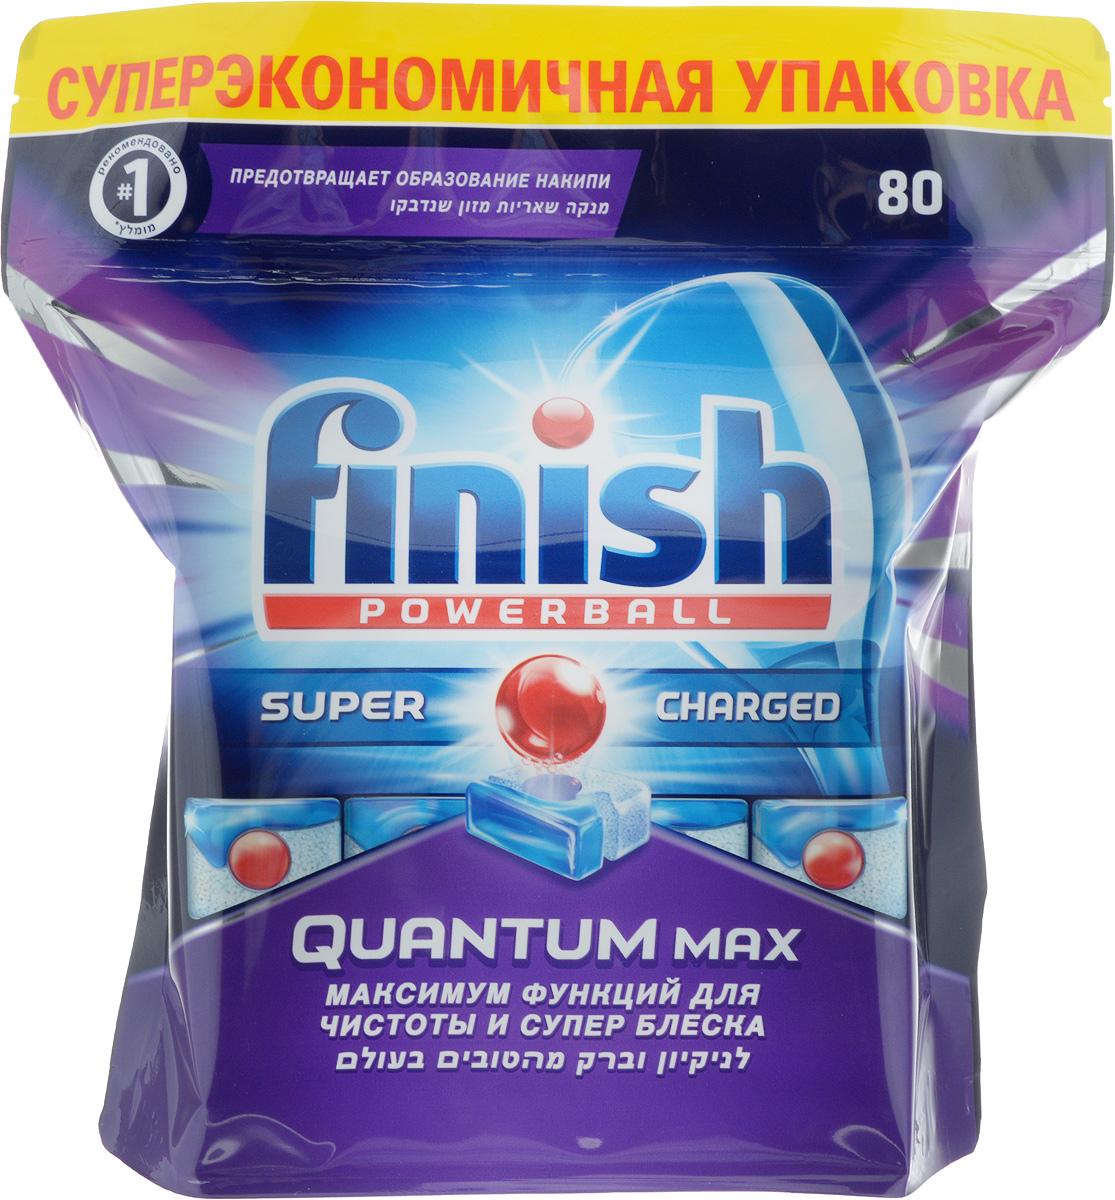 Таблетки для посудомоечной машины Finish Quantum Max, 80 шт6.295-875.0Таблетки для посудомоечной машины Finish Quantum Max справятся с любыми трудностями. Они обеспечат великолепное сияние и чистоту всей вашей посуды: от стаканов до вилок и ложек, от чайников до сковородок. Таблетки содержат формулу Powerball, которая обеспечит наилучшее очищение и блеск, а также предотвратит образование накипи в посудомоечной машине. Товар сертифицирован.